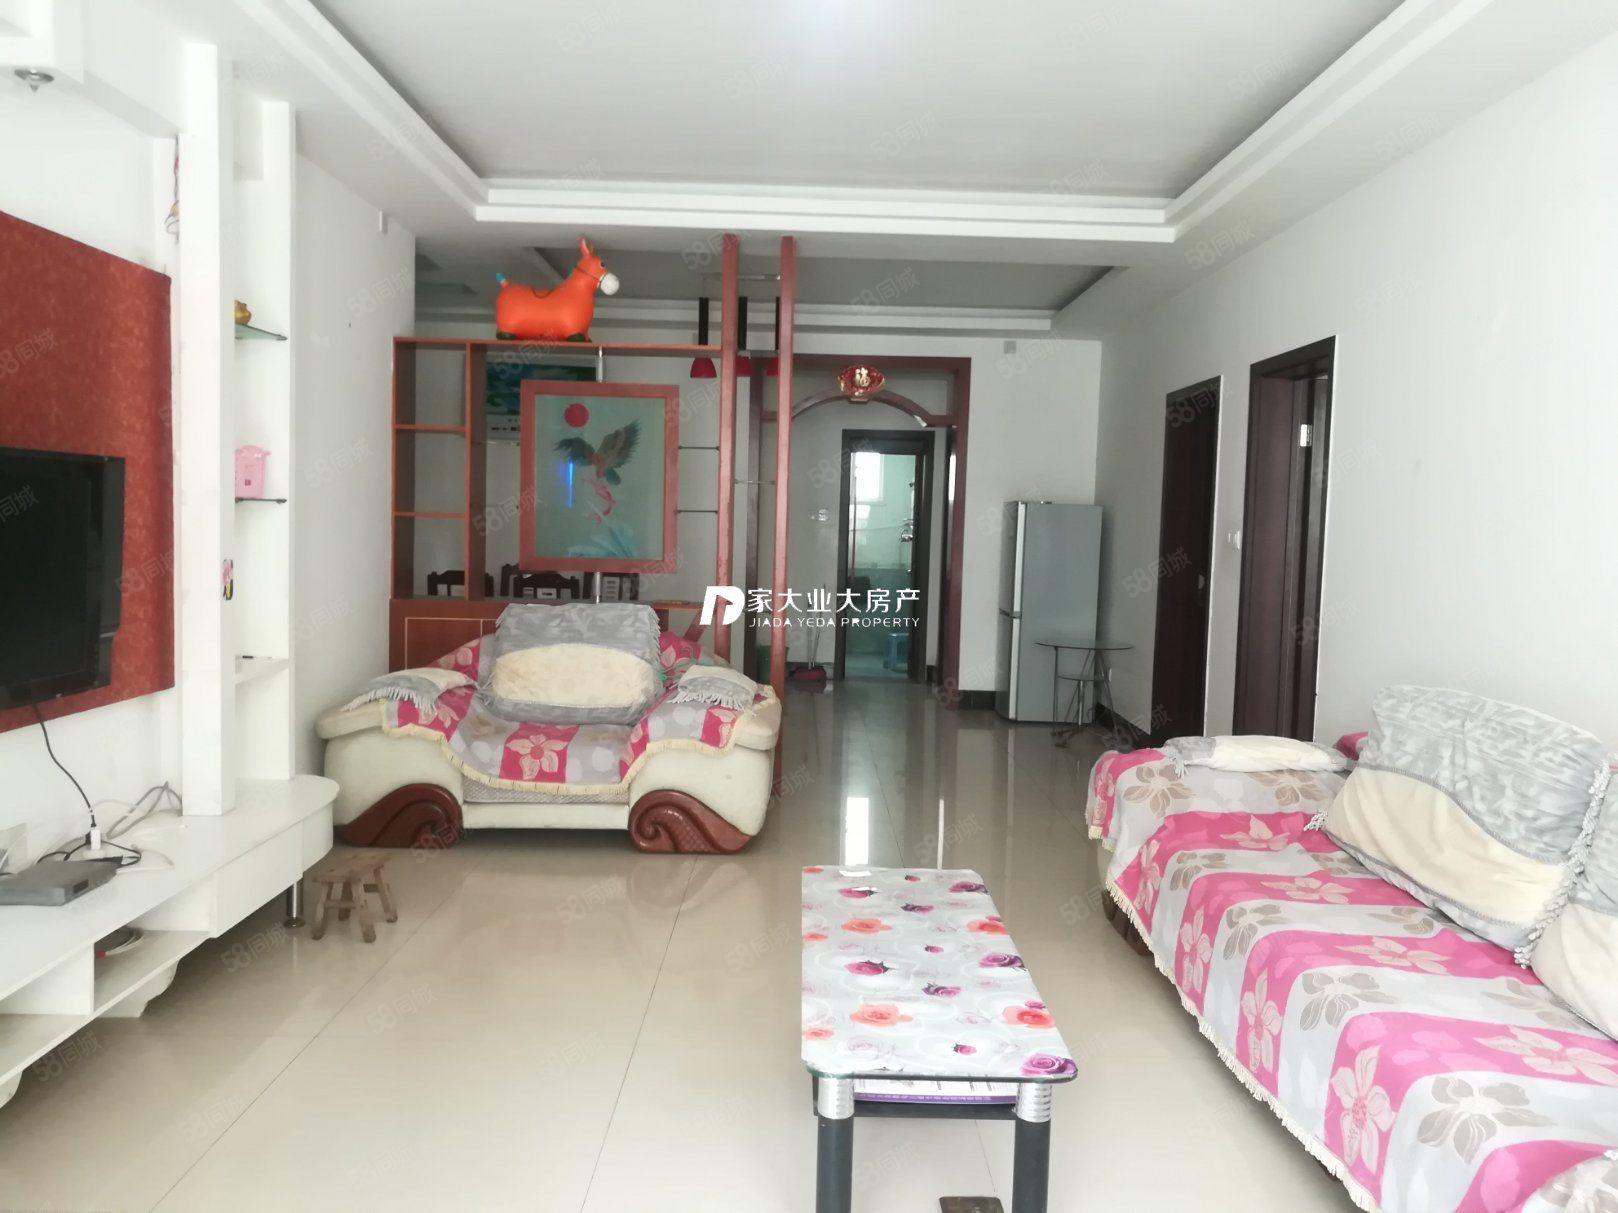 江北怡河苑品质小区精装3室。15000元每年拎包即住可停车